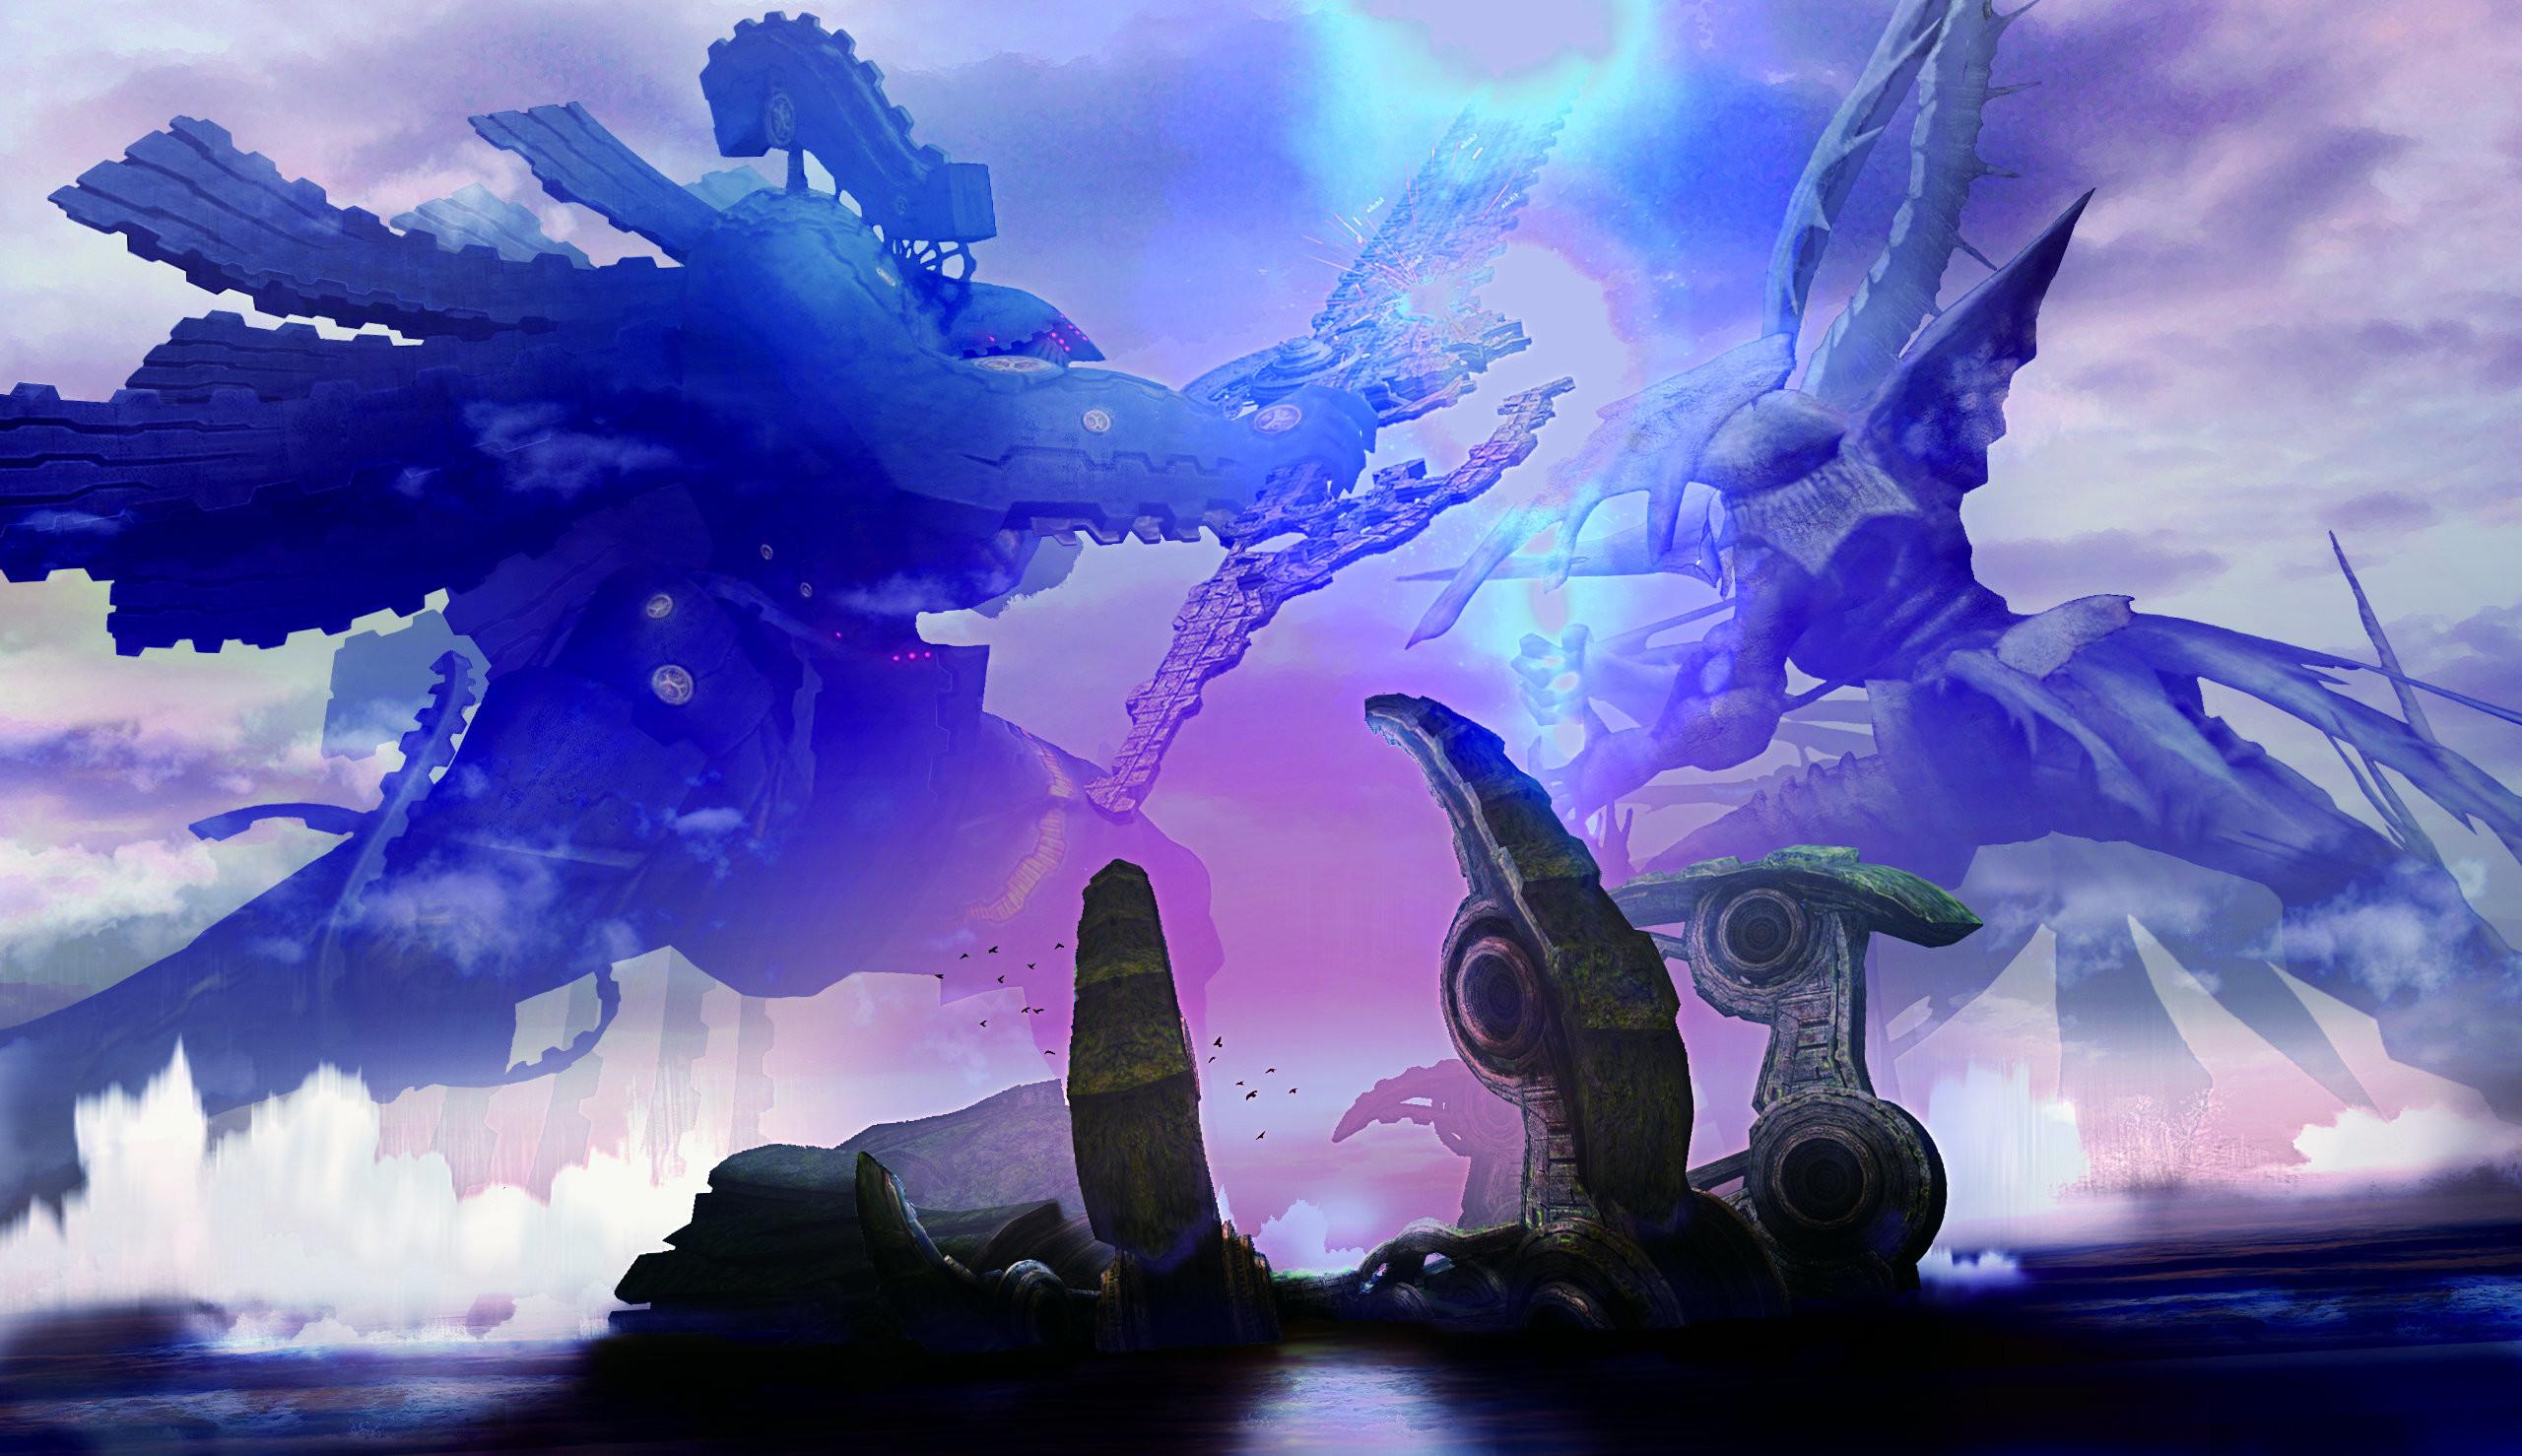 Res: 2560x1478, Xenoblade Chronicles anime fantasy monster mecha sci-fi battle g wallpaper  |  | 152247 | WallpaperUP